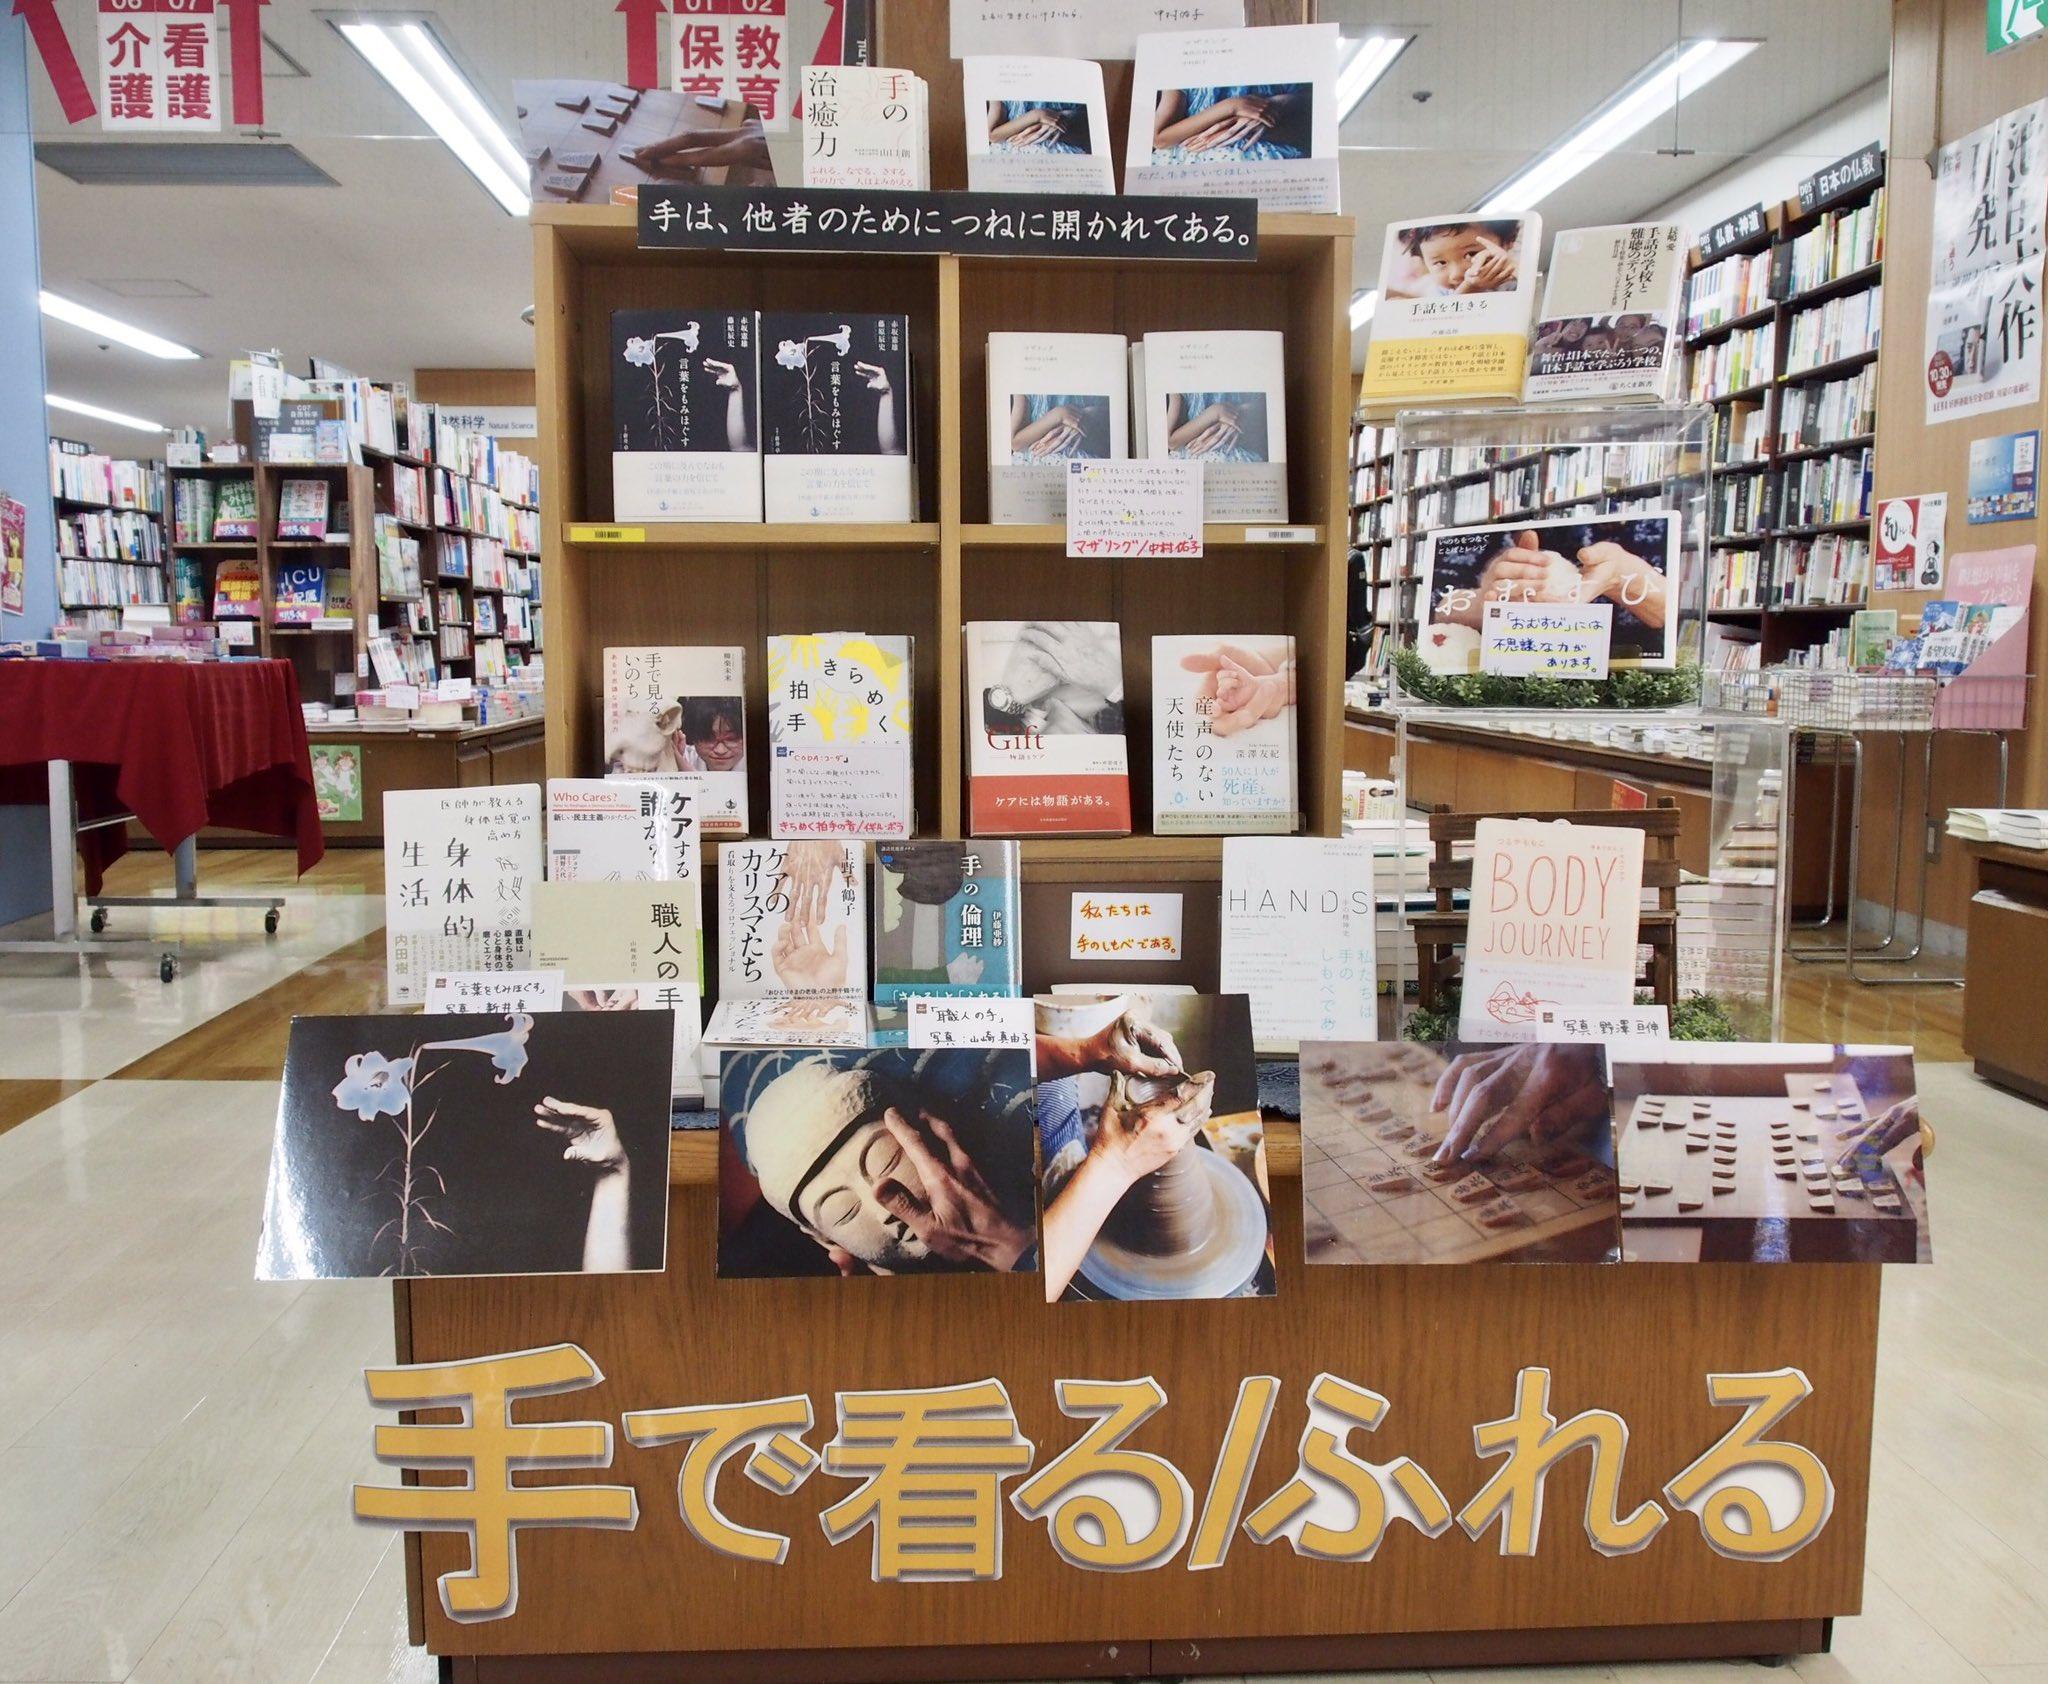 紀伊國屋書店:手で看る/ふれる フェア